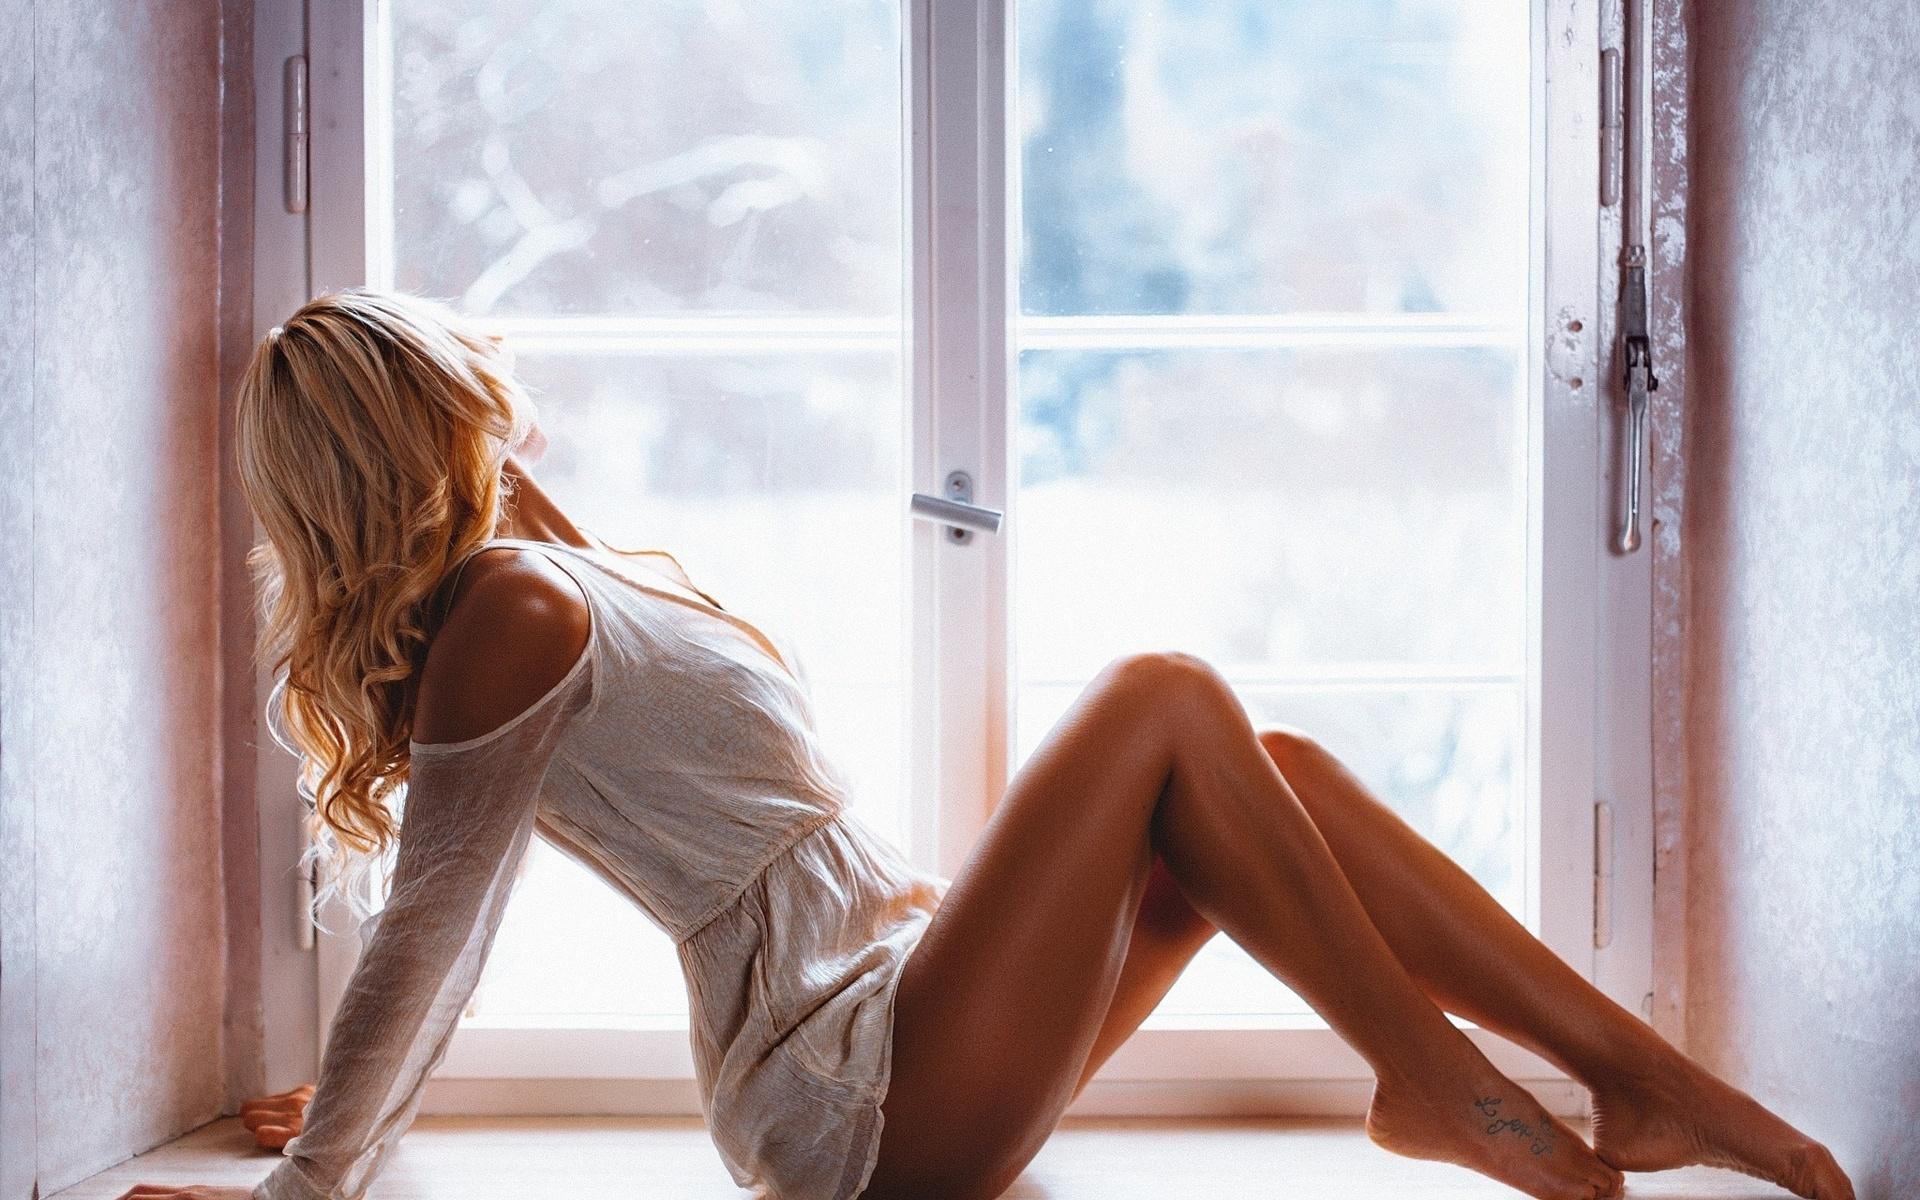 Картинки с девушками сидящими на окне